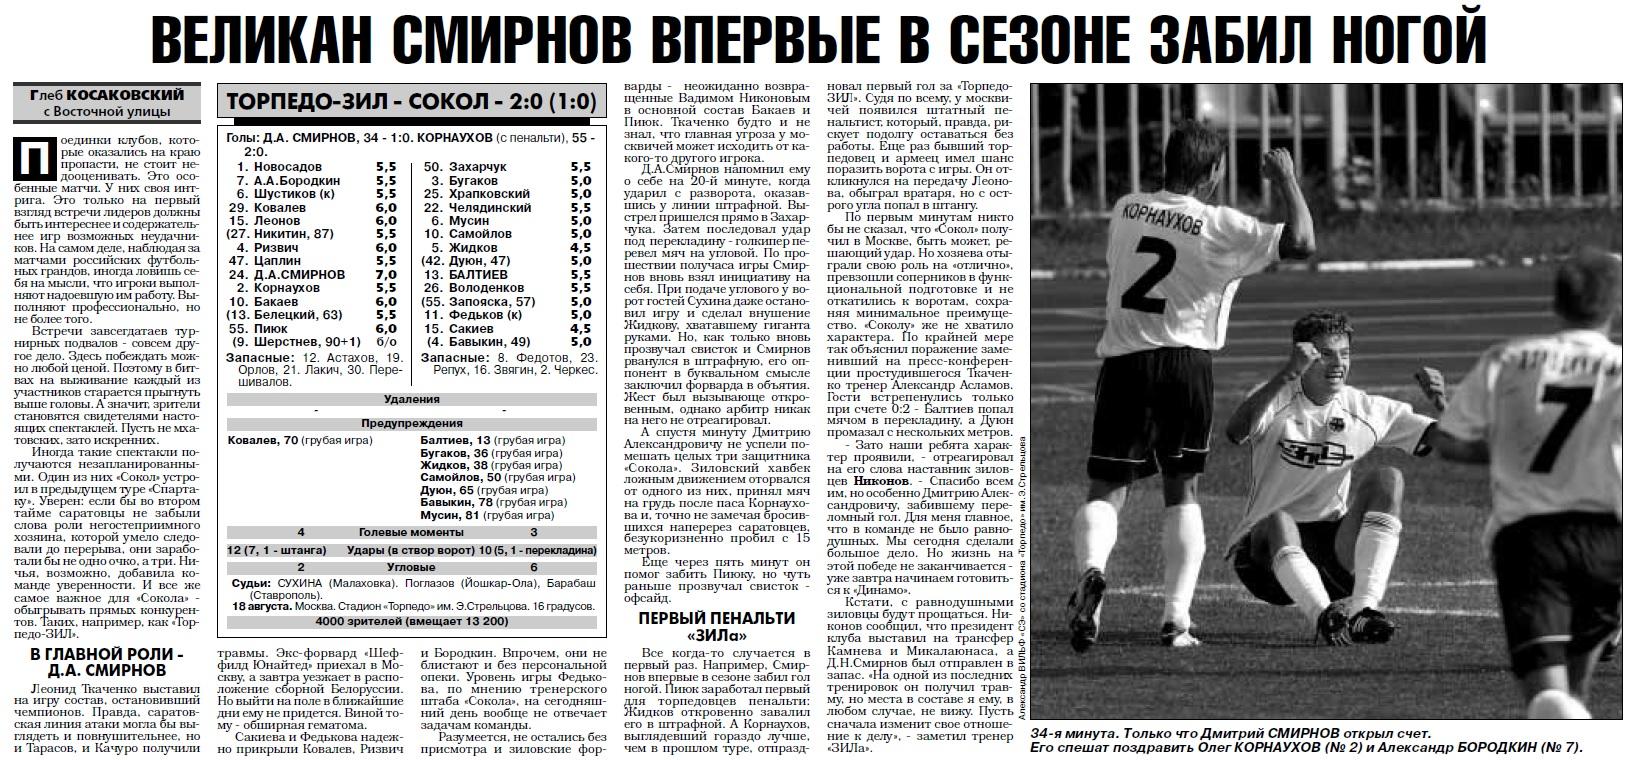 Торпедо-ЗИЛ (Москва) - Сокол (Саратов) 2:0. Нажмите, чтобы посмотреть истинный размер рисунка